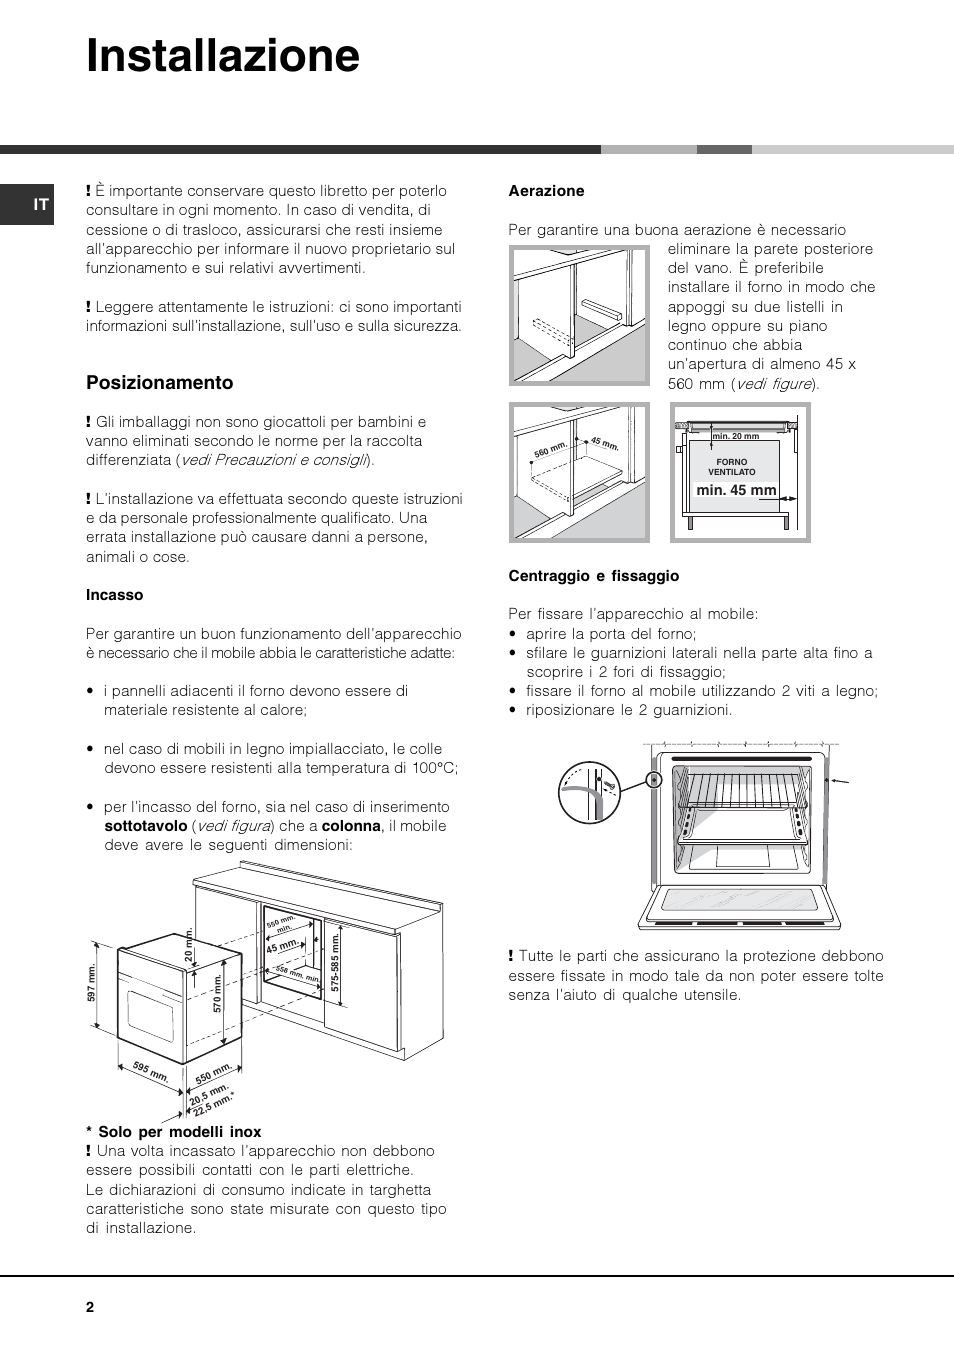 Installazione Posizionamento Hotpoint Ariston Ok 1035 El